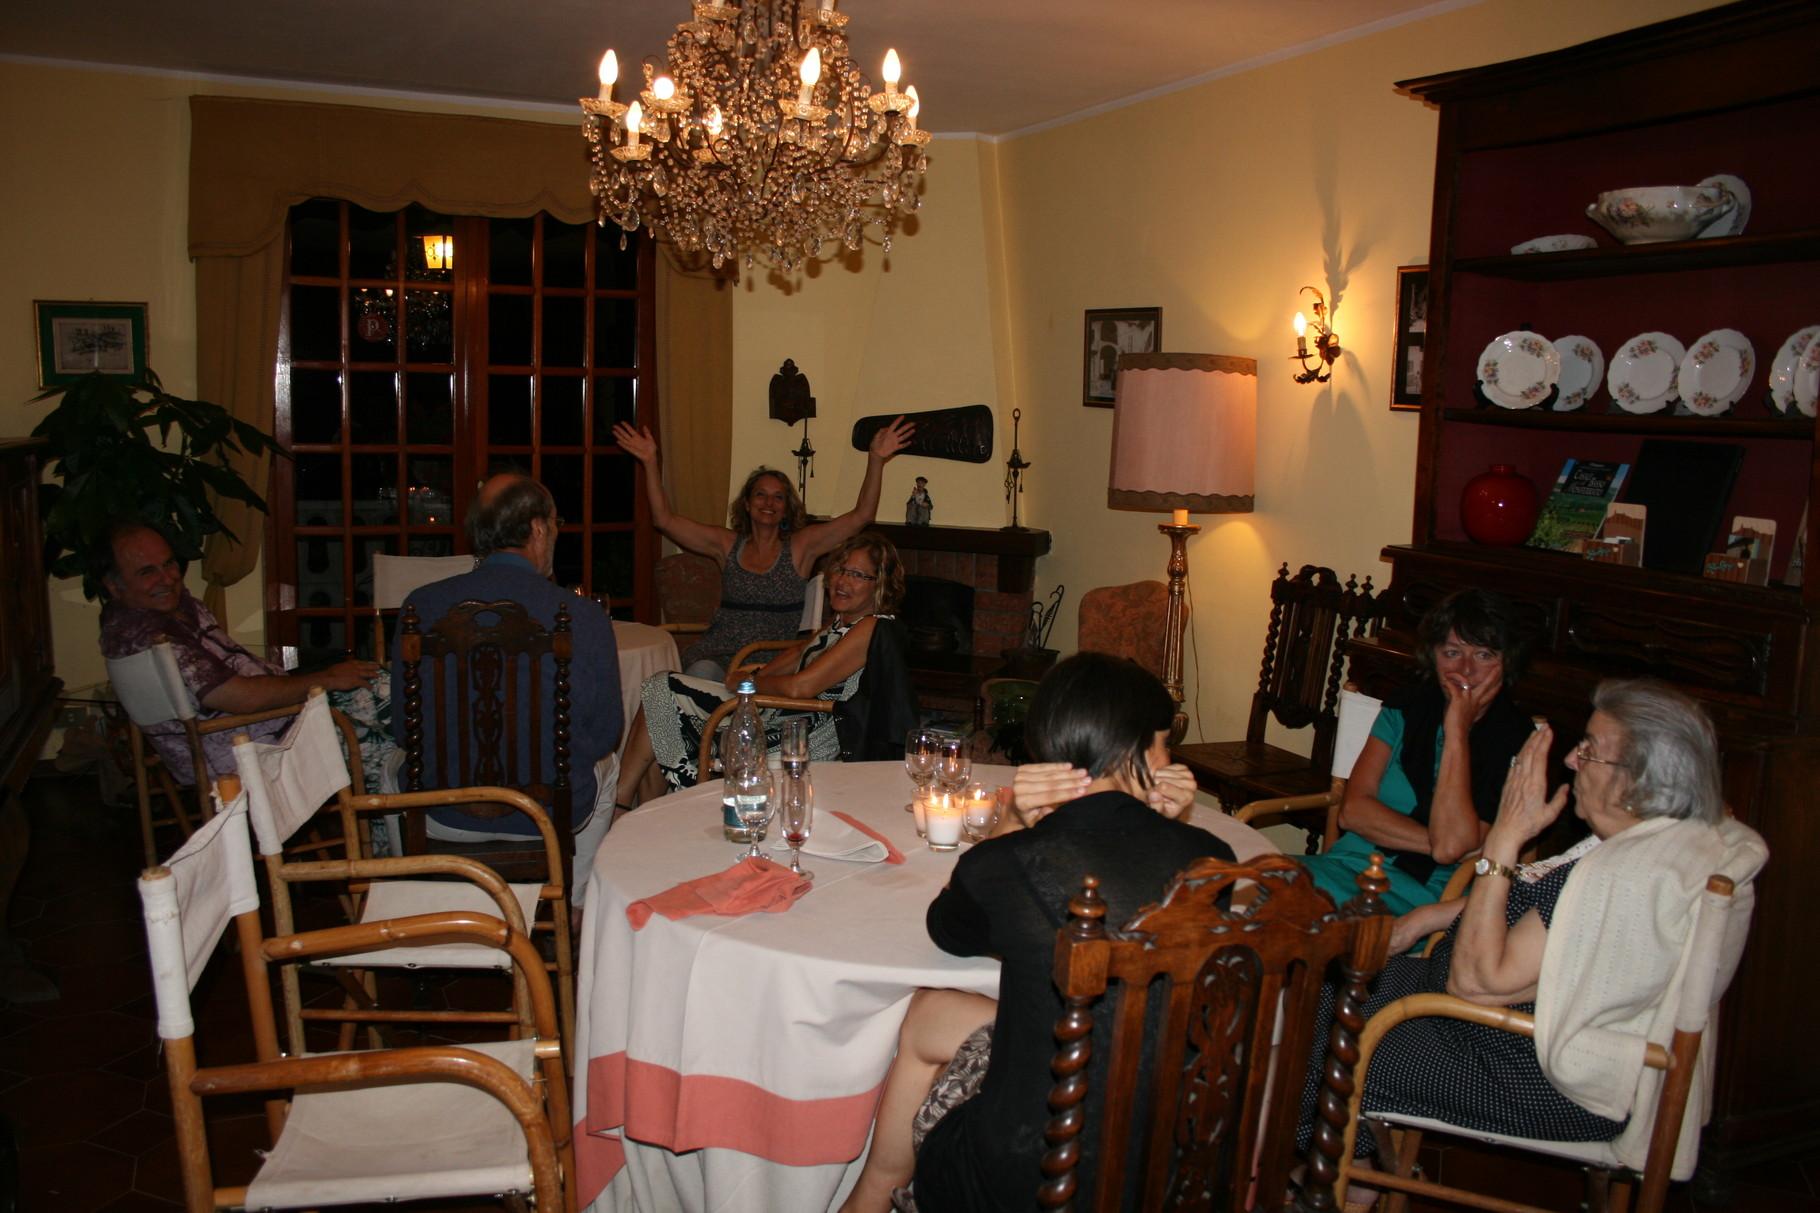 Sala da pranzo in occasione di una festa